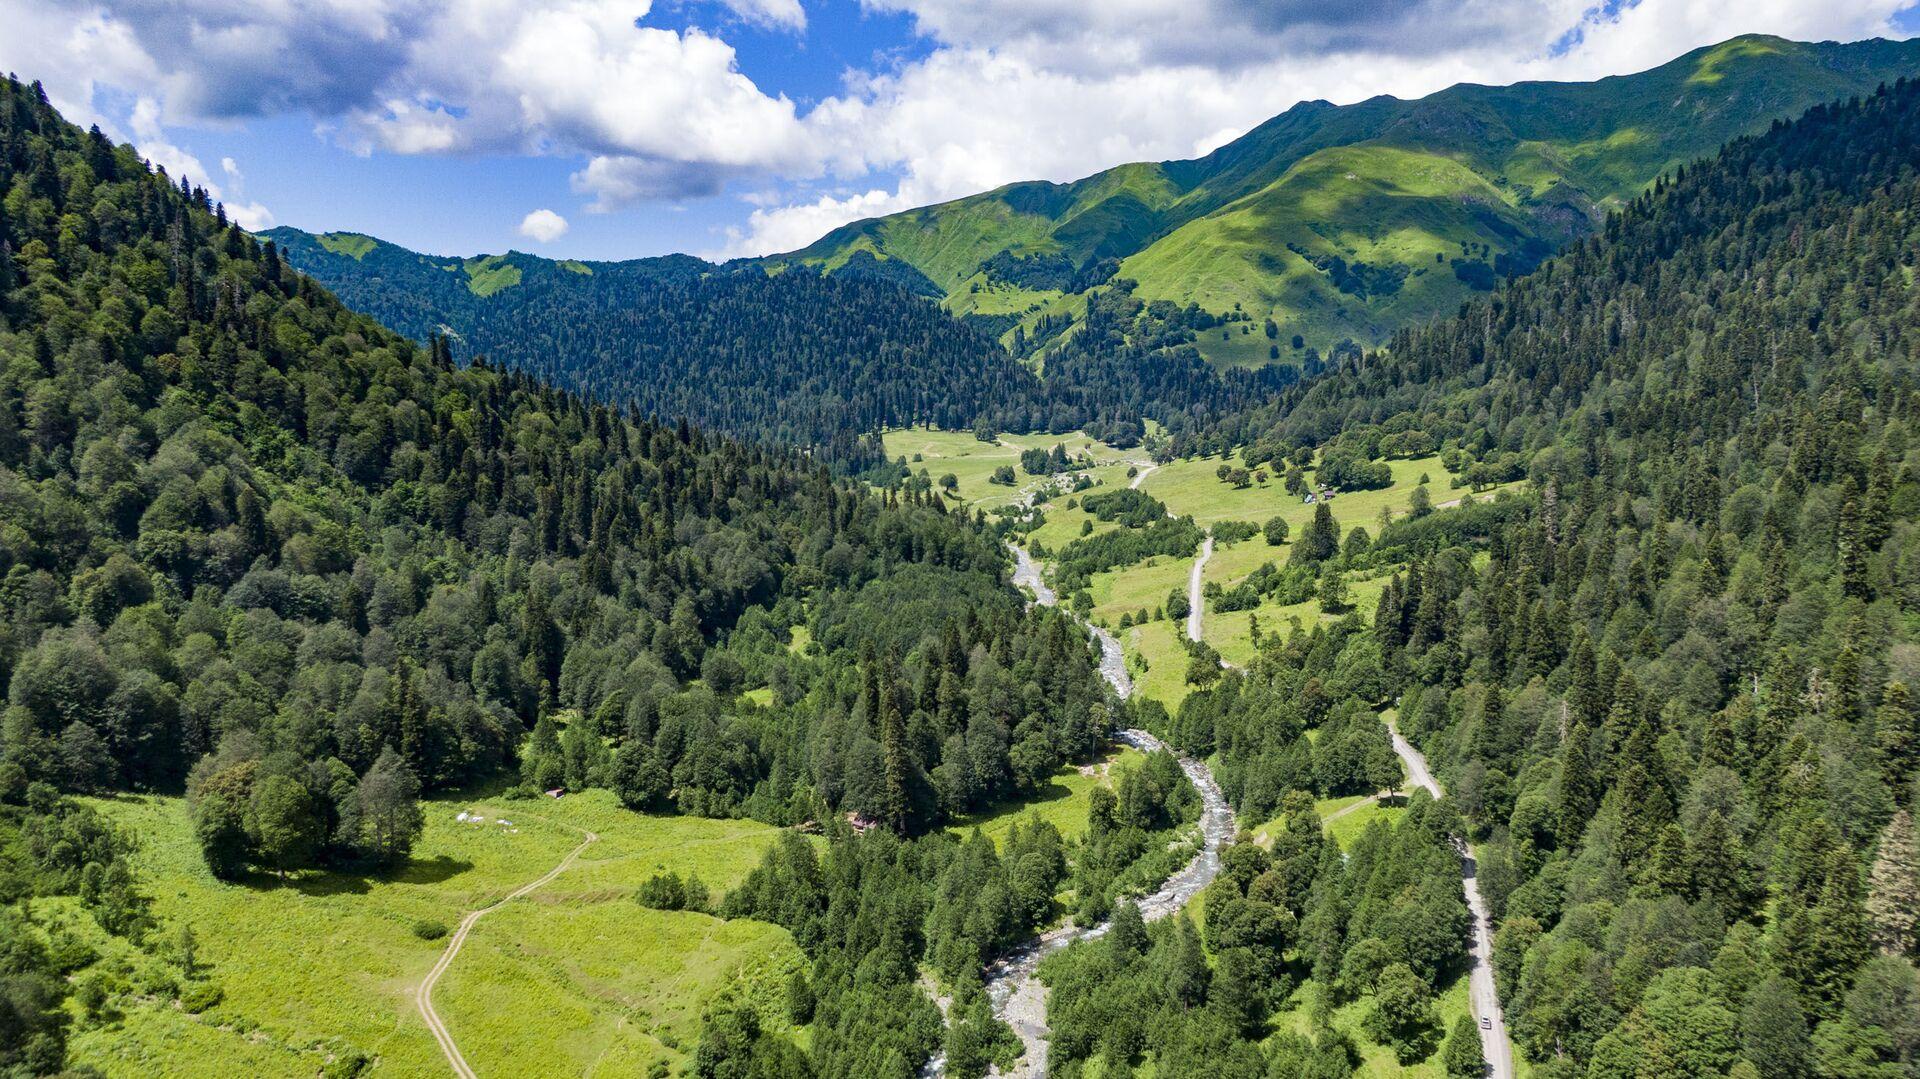 Альпийские луга  - Sputnik Абхазия, 1920, 29.09.2021